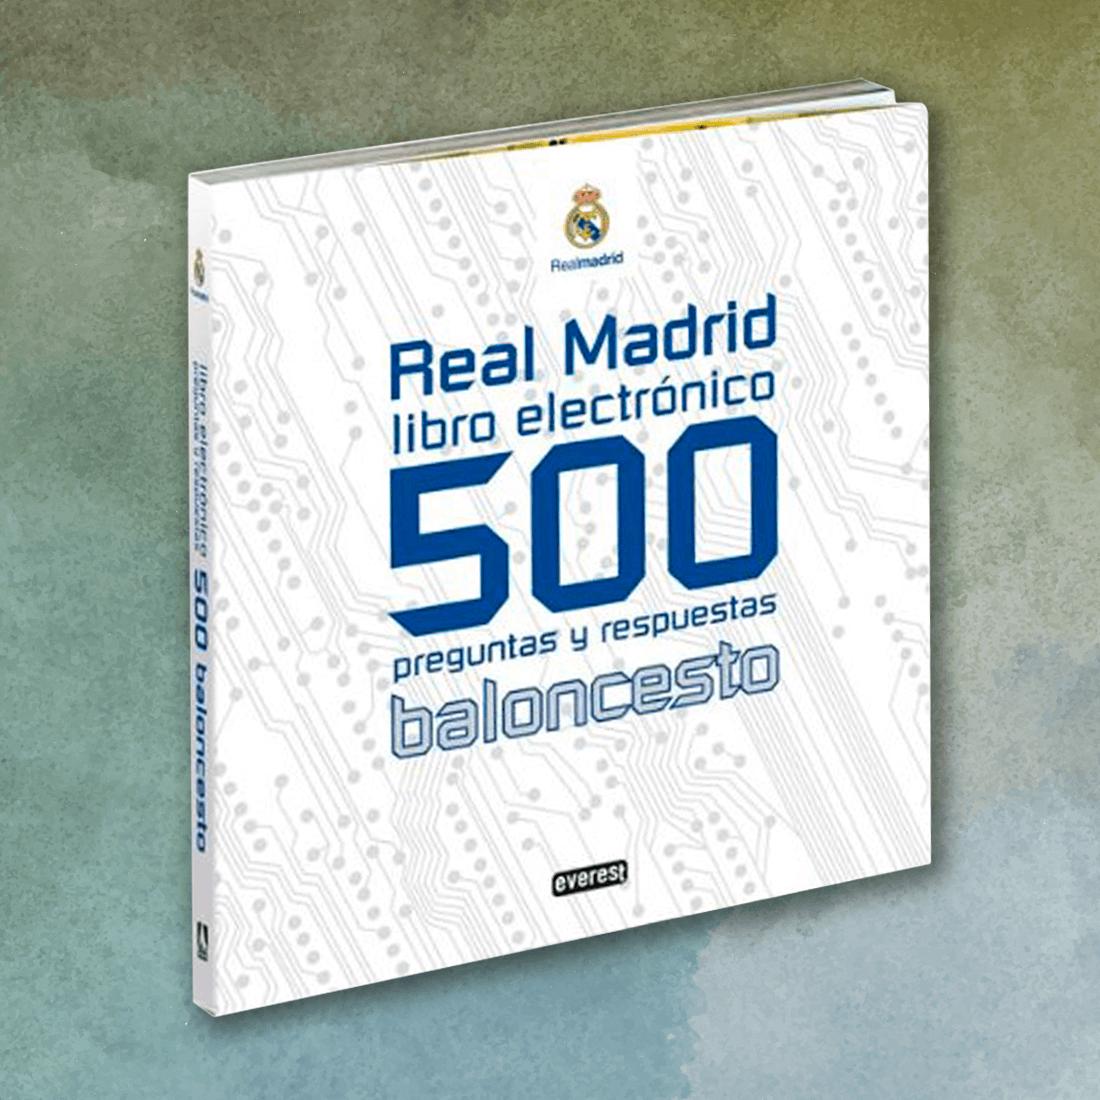 Real Madrid. 500 preguntas y respuestas de Baloncesto - Diego Moldes